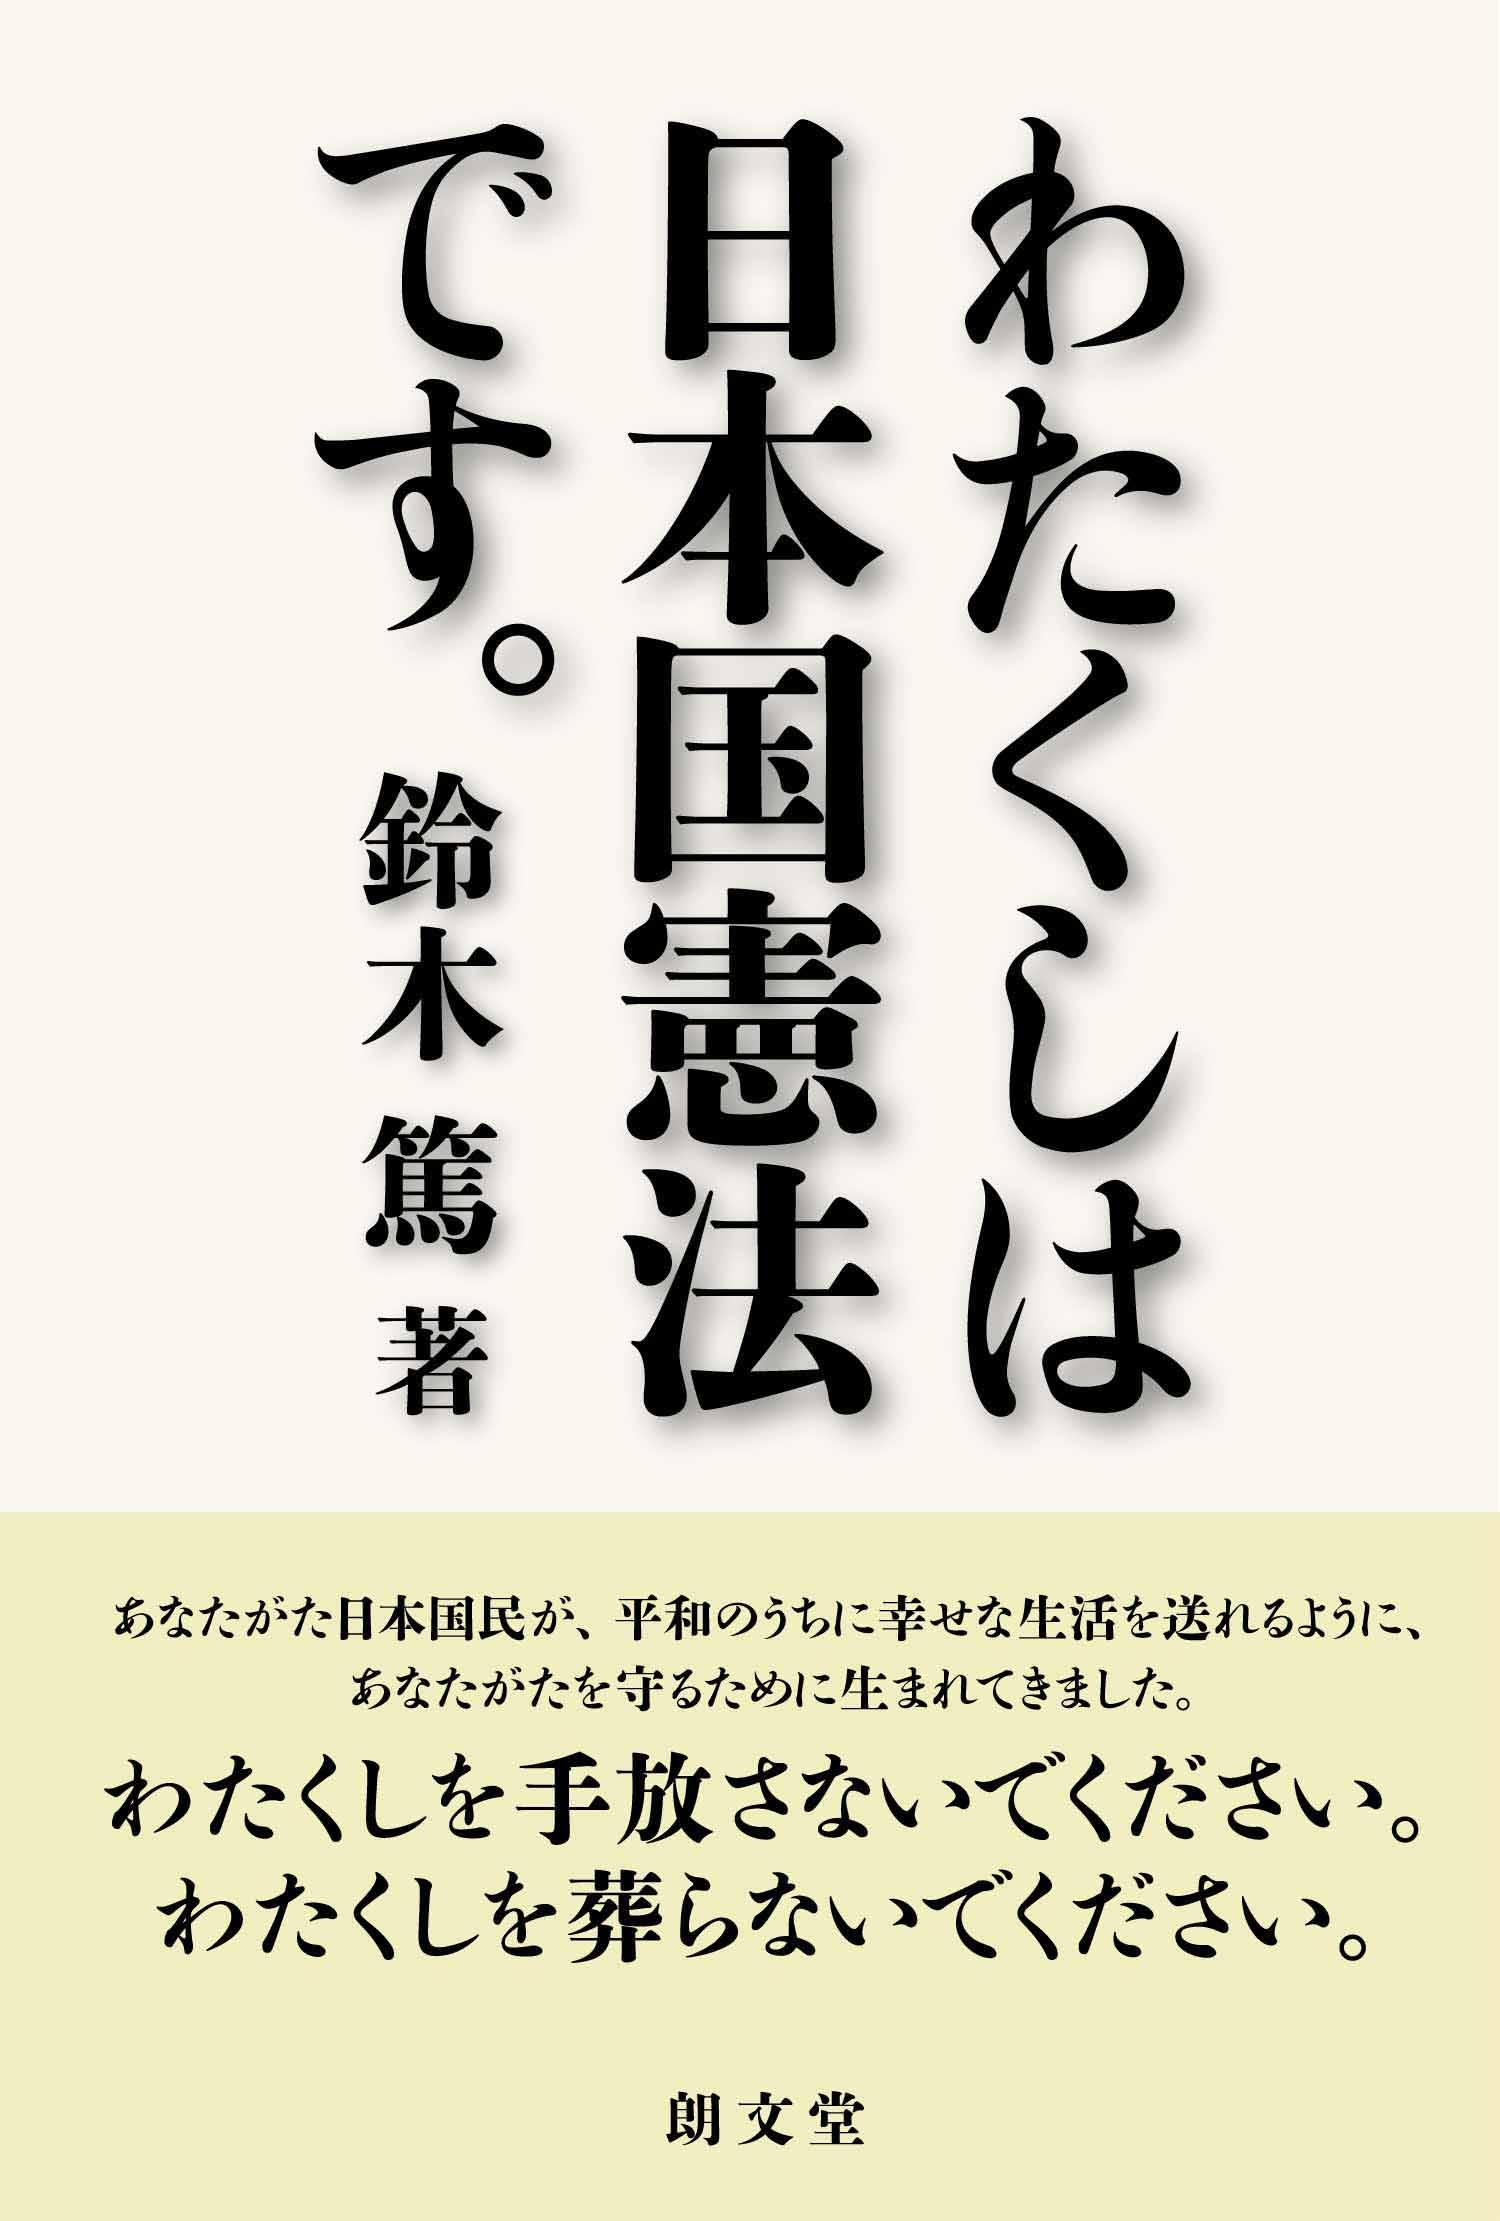 『わたくしは日本国憲法です。』-(4)「義務教育」は、子どもの義務?!_e0337777_11130159.jpg